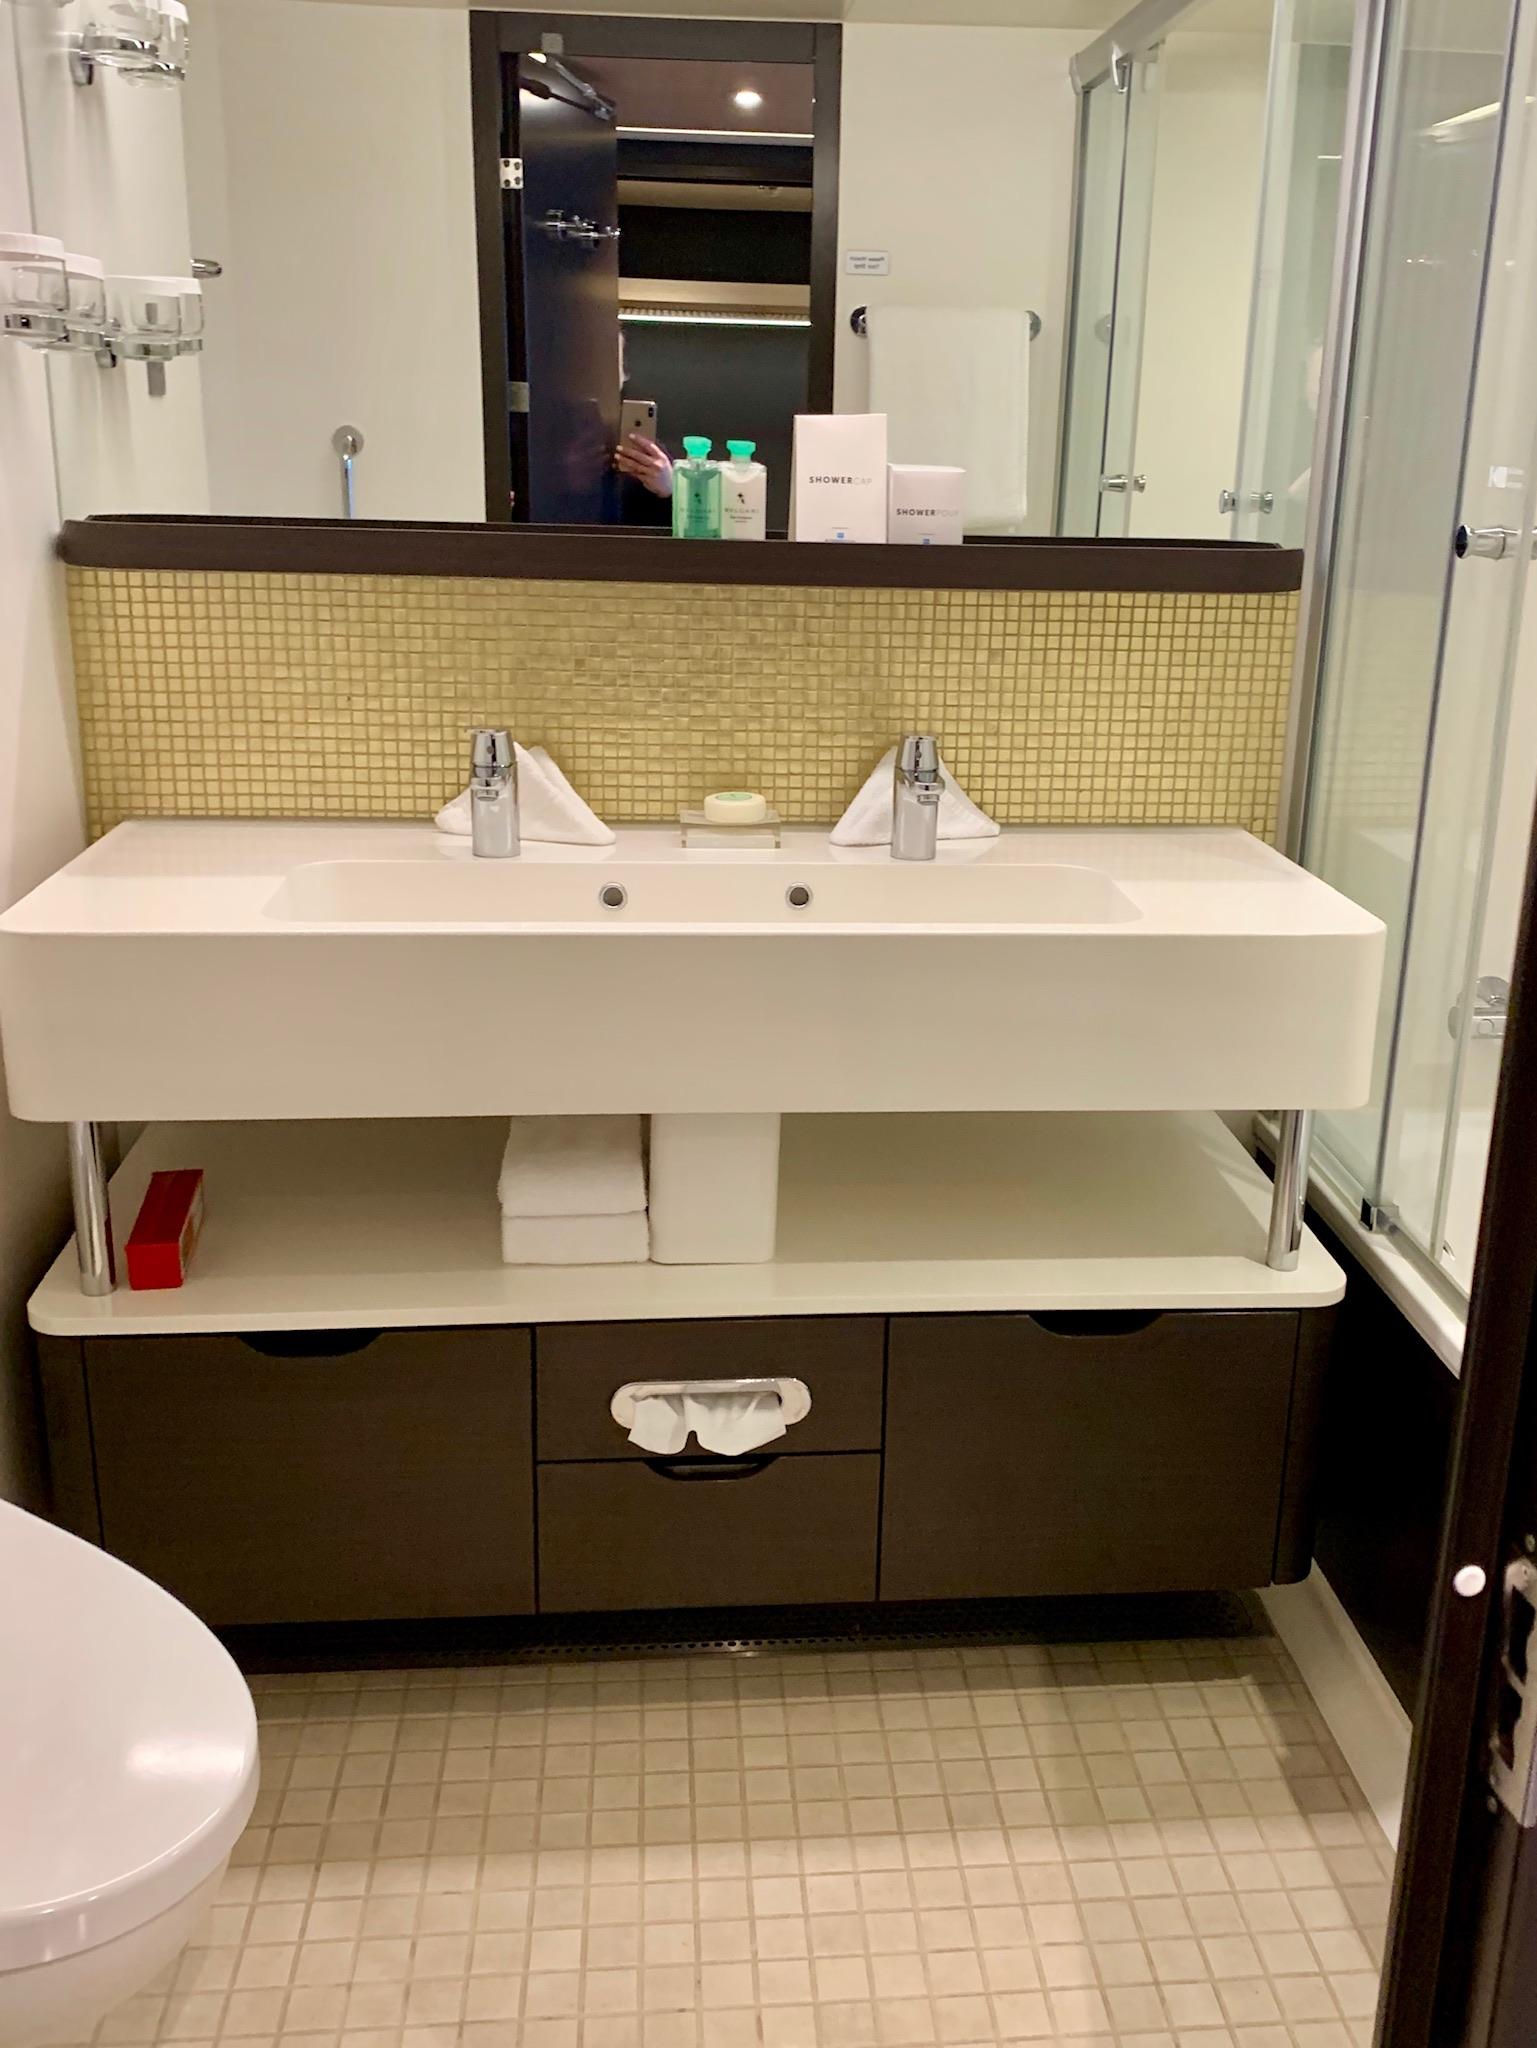 NCL Joy - Rooms - Haven Family Villa Suite Bathroom Interior.jpg